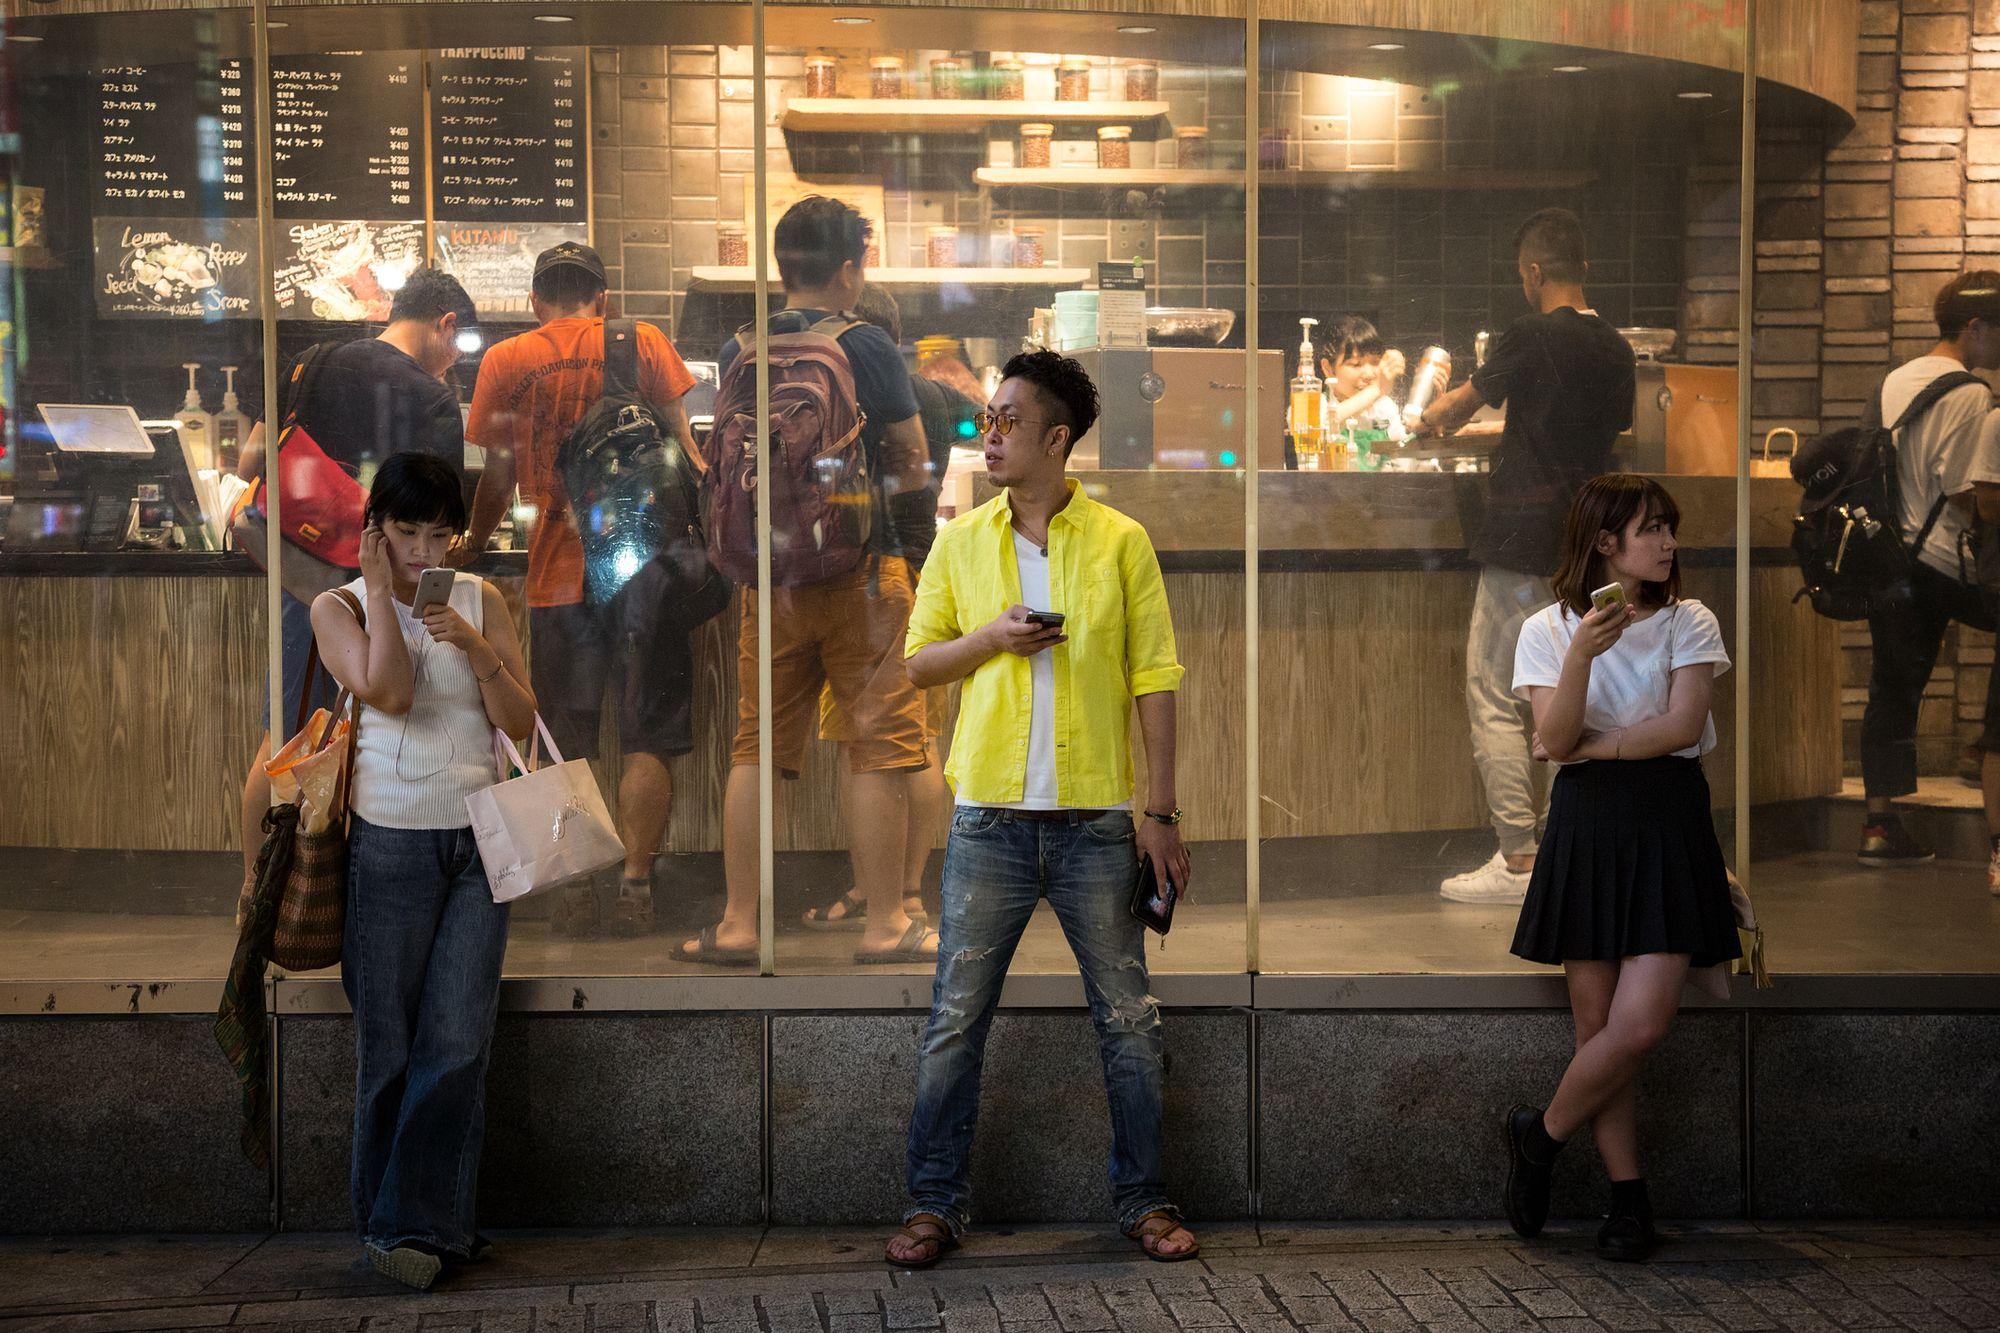 Jovem em Shibuya, Tóquio, Japão. Foto: Rixipix via iStock